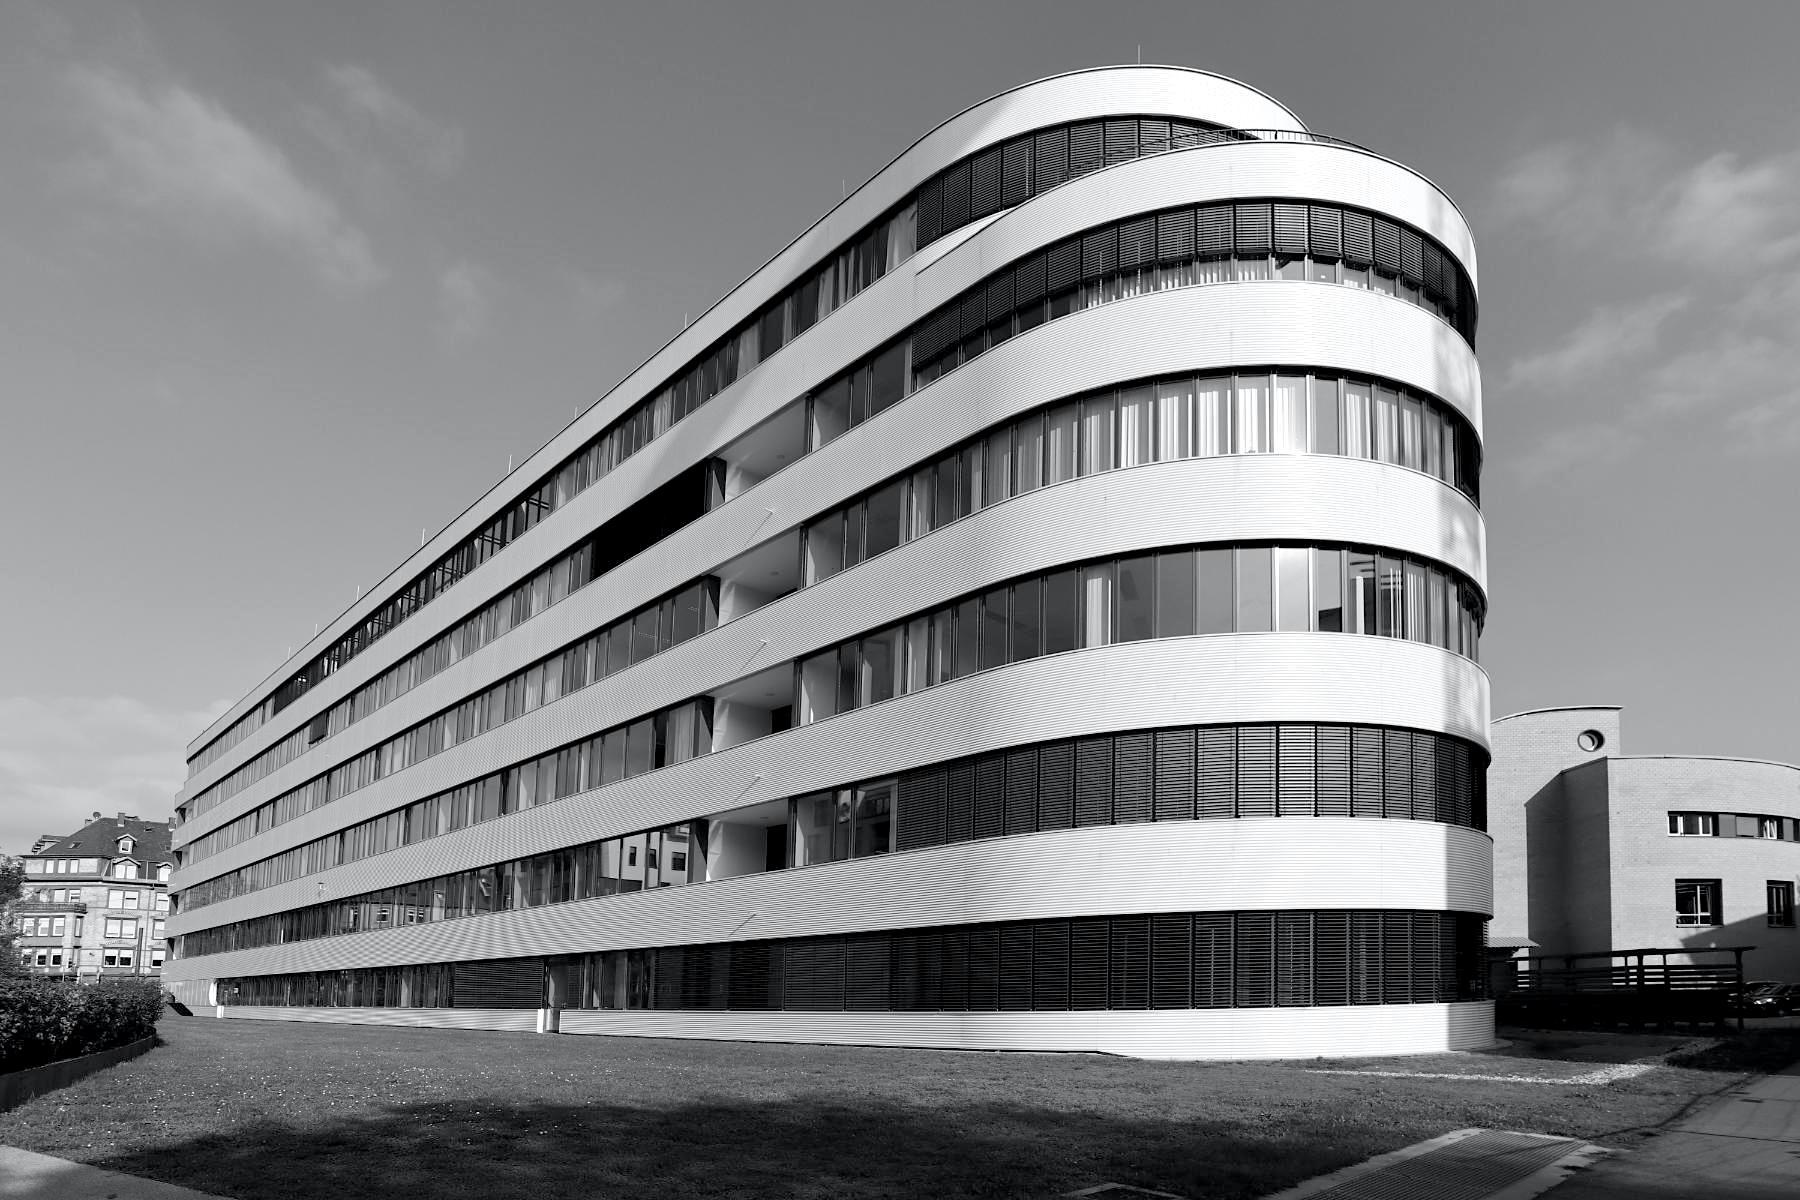 Bürogebäude Synus. Entwurf: Kramm Strigl, 2014. Der Bau ist mehrfach gerundet und in der Höhe mehrfach gestaffelt. Das Gebäude mit 9.400 m2 Bürofläche ist Green Building-zertifiziert, die Architekten aus Darmstadt legten wert auf hohe Energieffizenz durch Fernwärme sowie ein flexibles und praktisches Büorkonzept für die über 200 Angestellten.